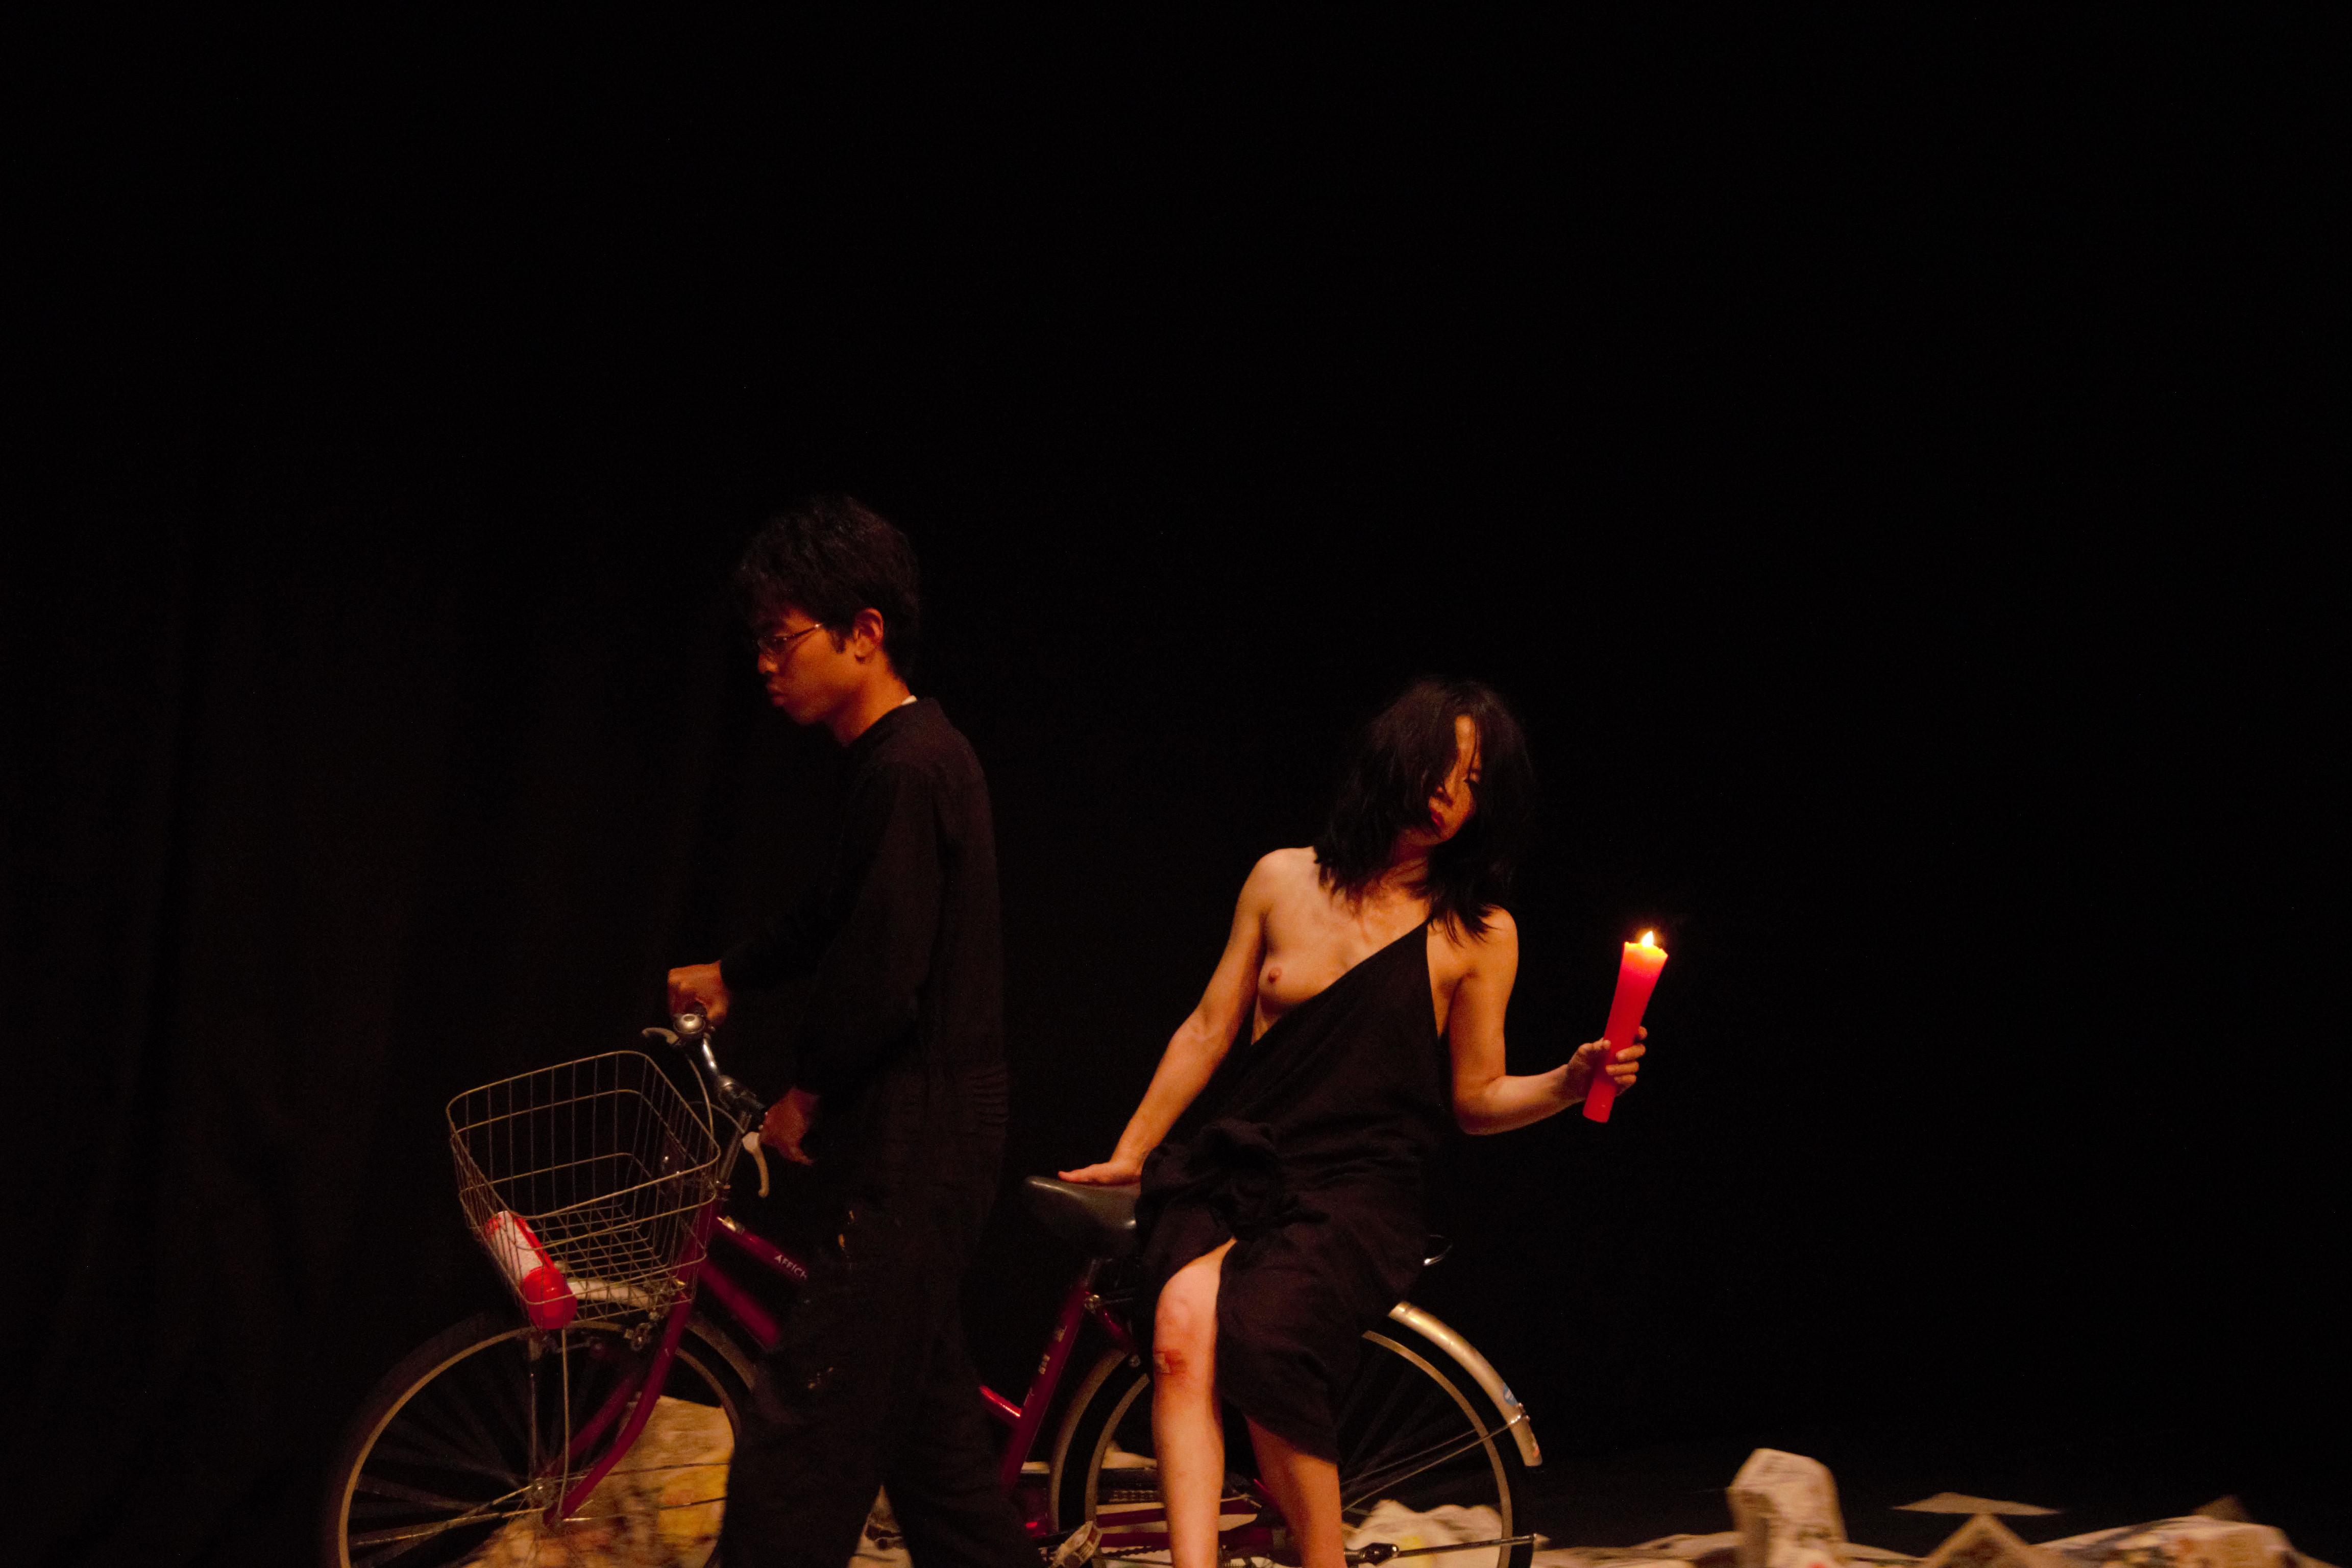 『燃え盛る火の車の女』(2015)では、1人の女性の感情が燃え盛る様子を表現。構成やセリフなどを、俳優とともにつくり上げる新しい試みに挑戦した。 アトリエ劇研共催公演/アトリエ劇研若手ダンスカンパニー特別支援企画 2015年6月27~28日 会場:アトリエ劇研 撮影:山内俊介